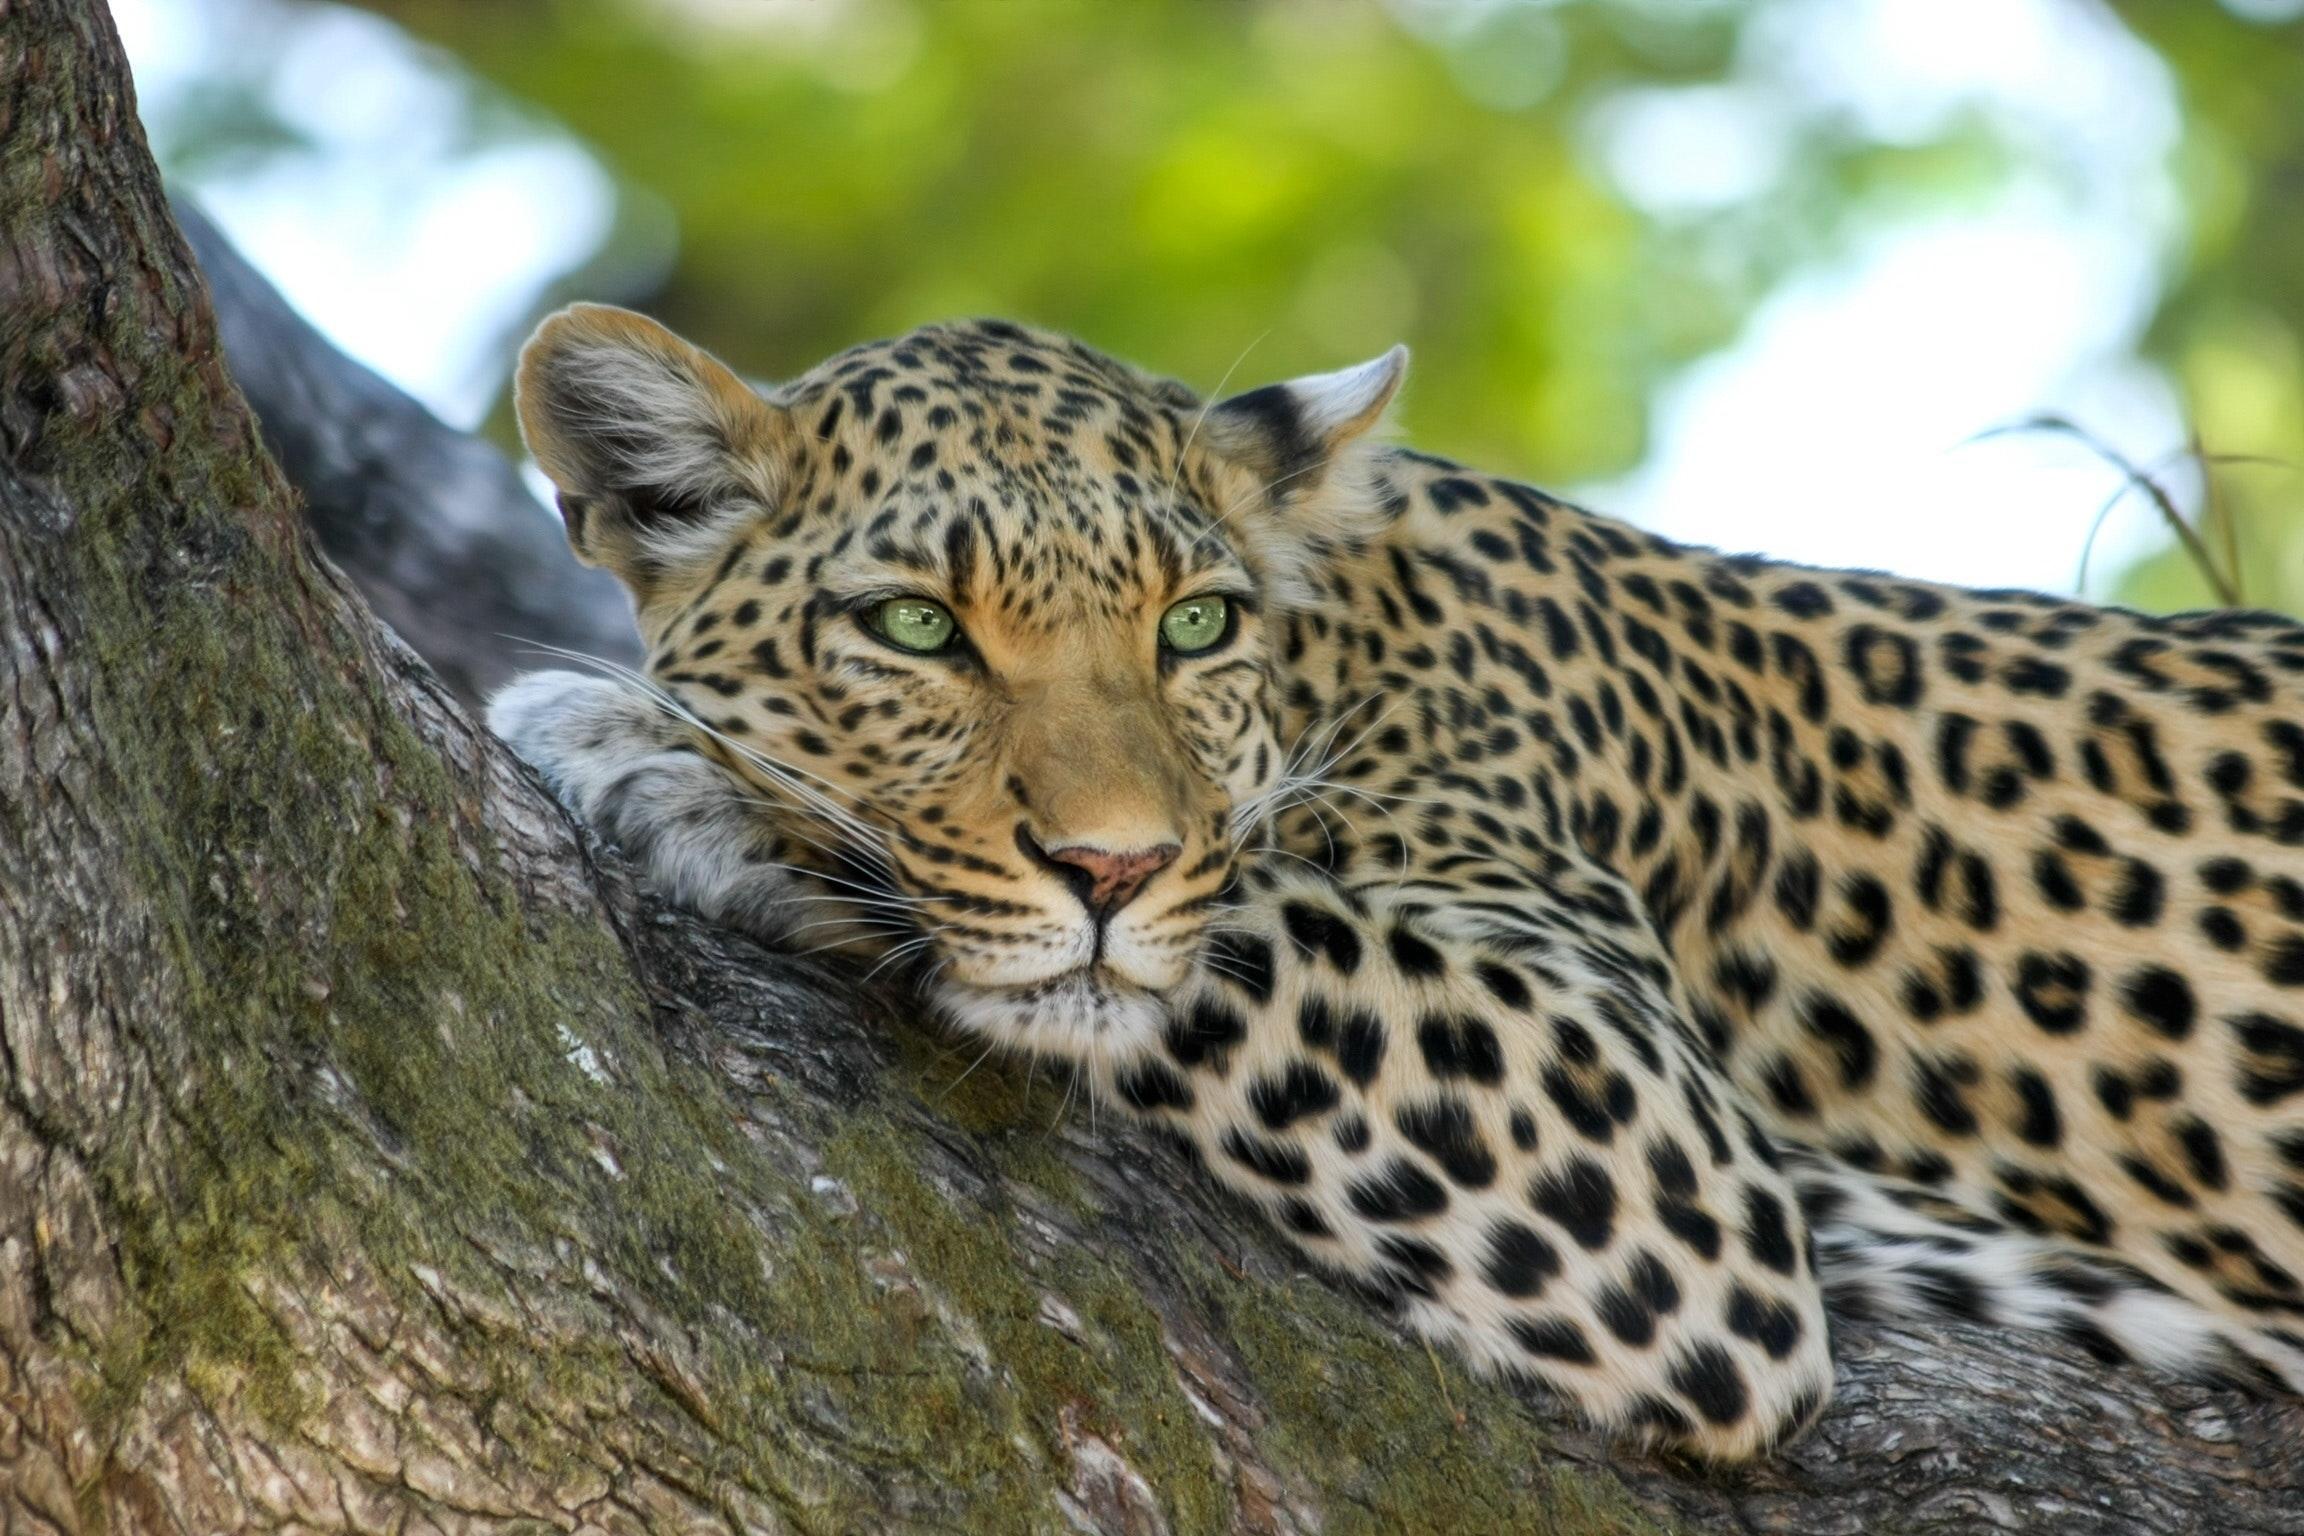 A leopard sleeping on a tree branch